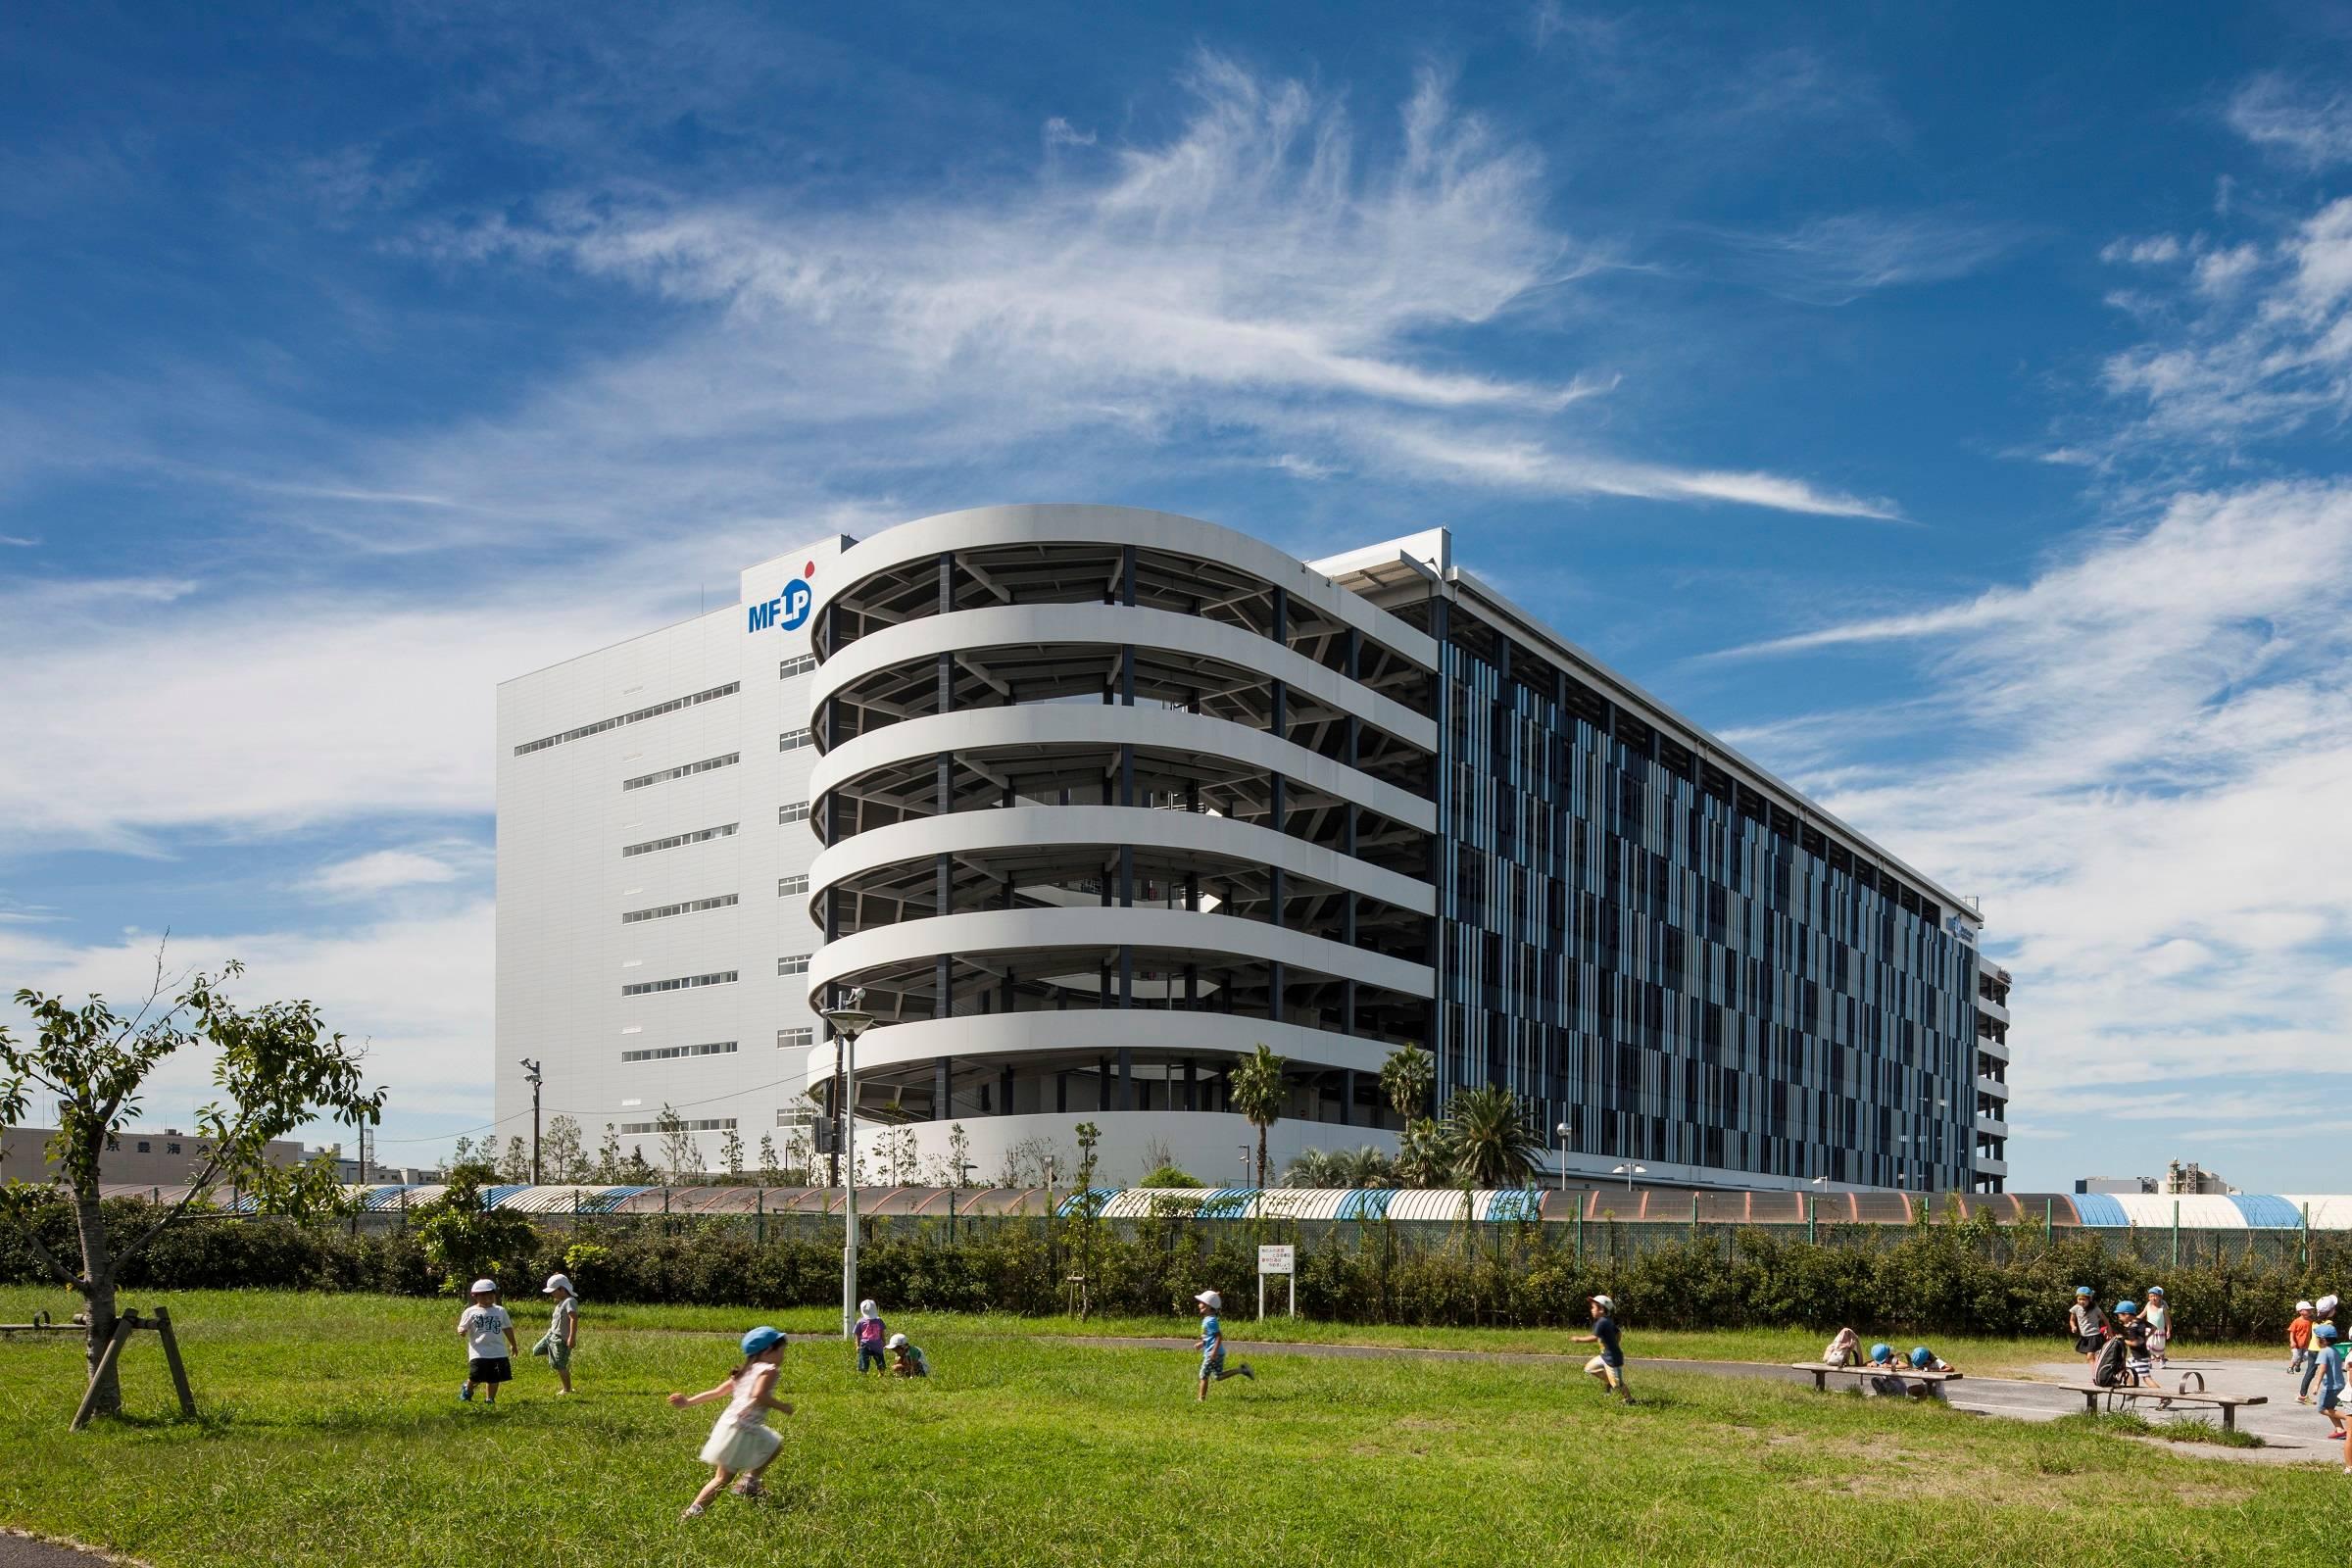 株式会社ハピネット・ロジスティクスサービス 東日本第2ロジスティクスセンター